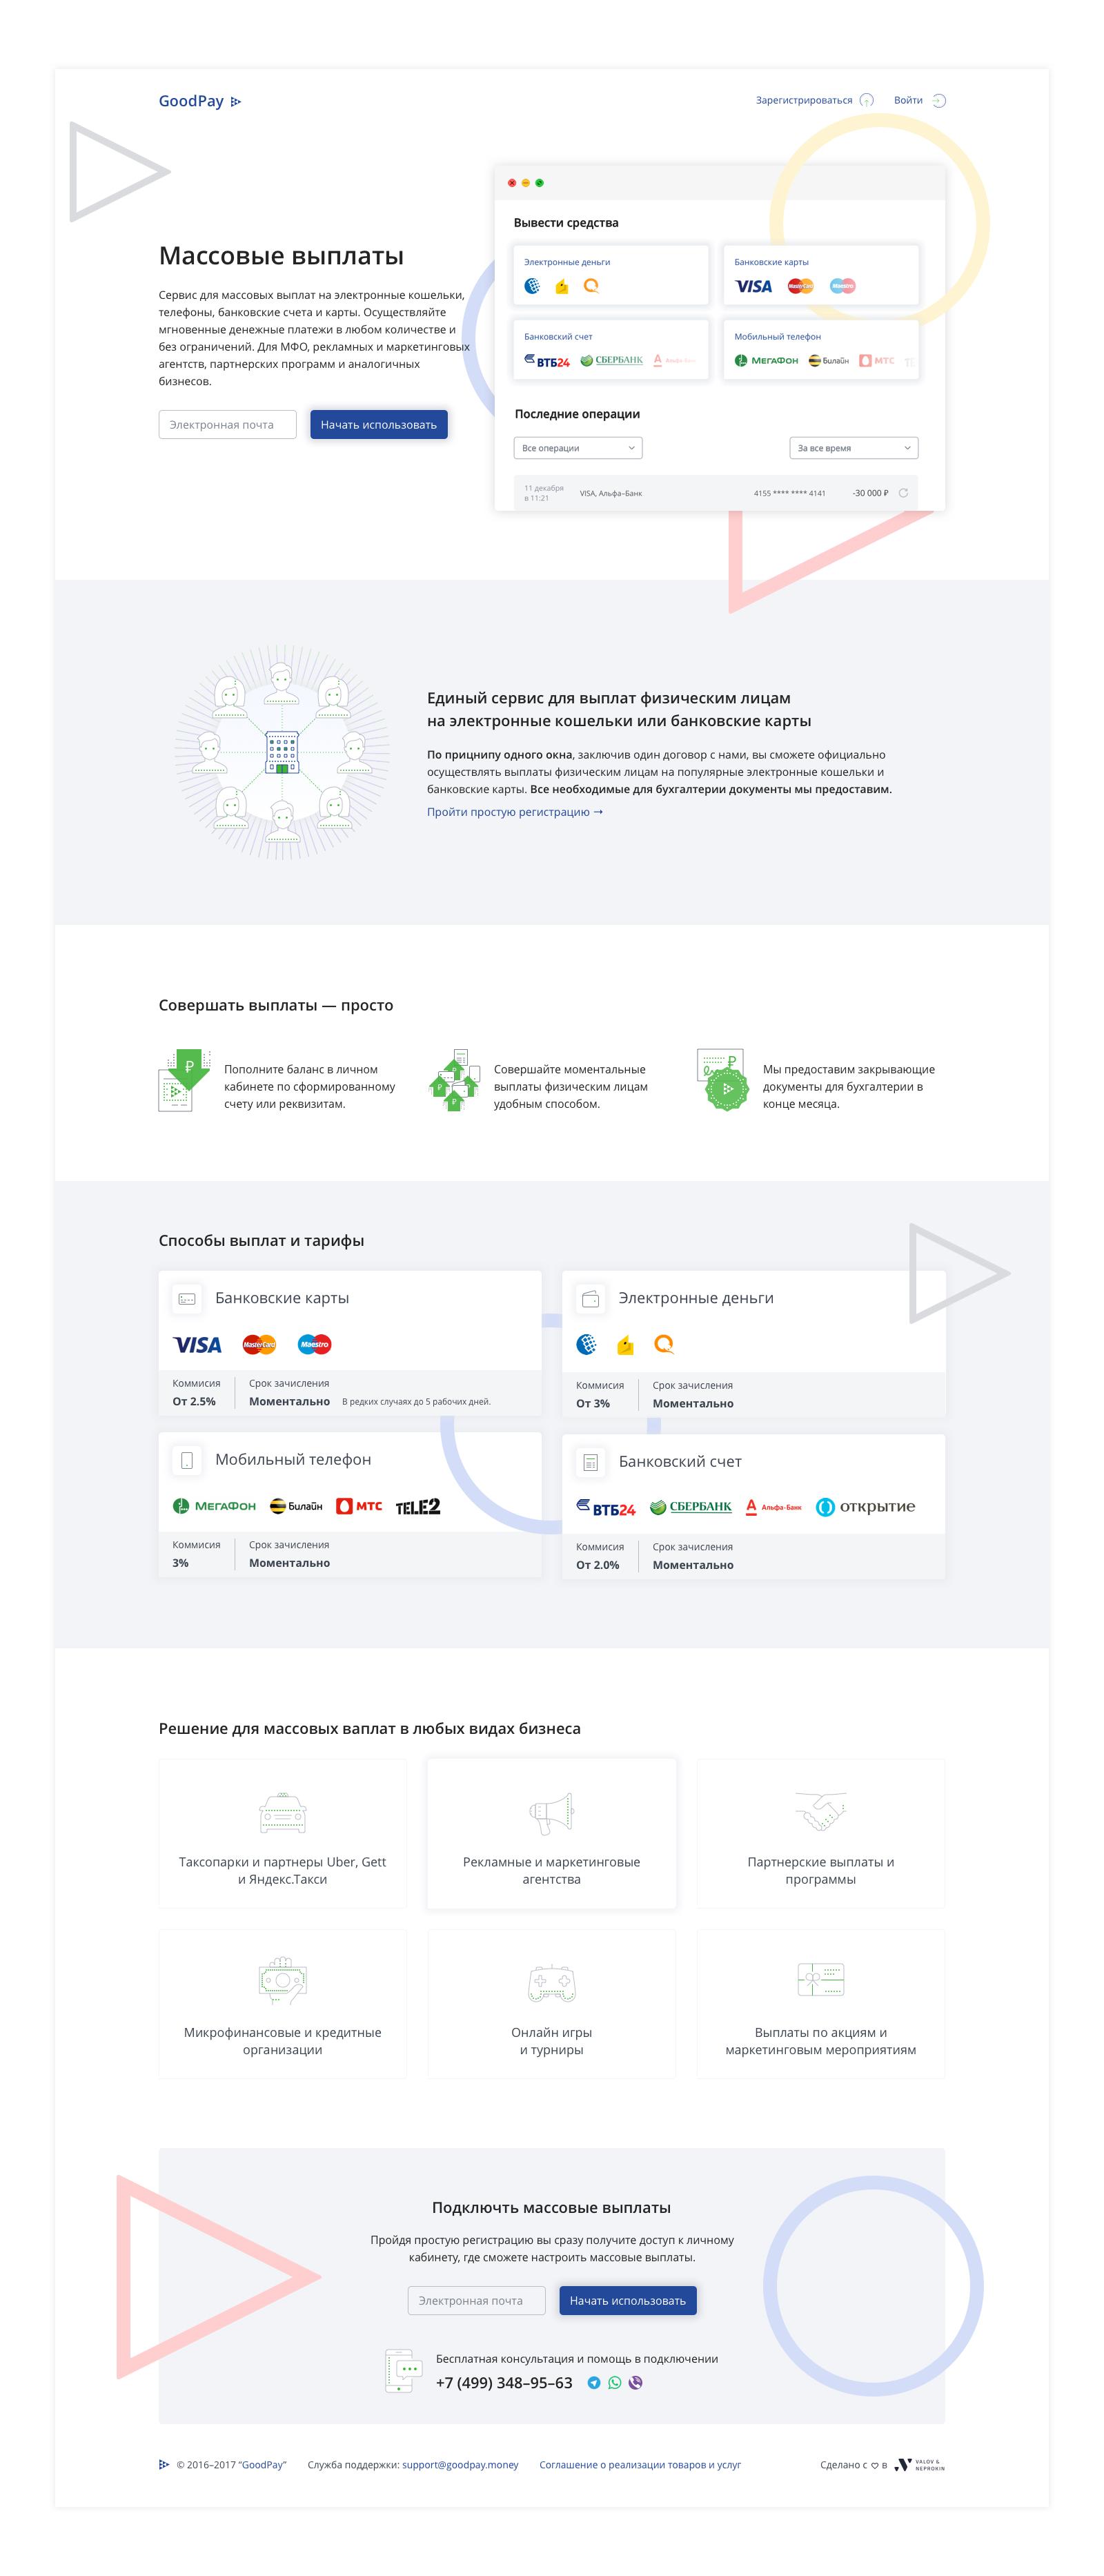 GoodPay — Сервис массовых платежей